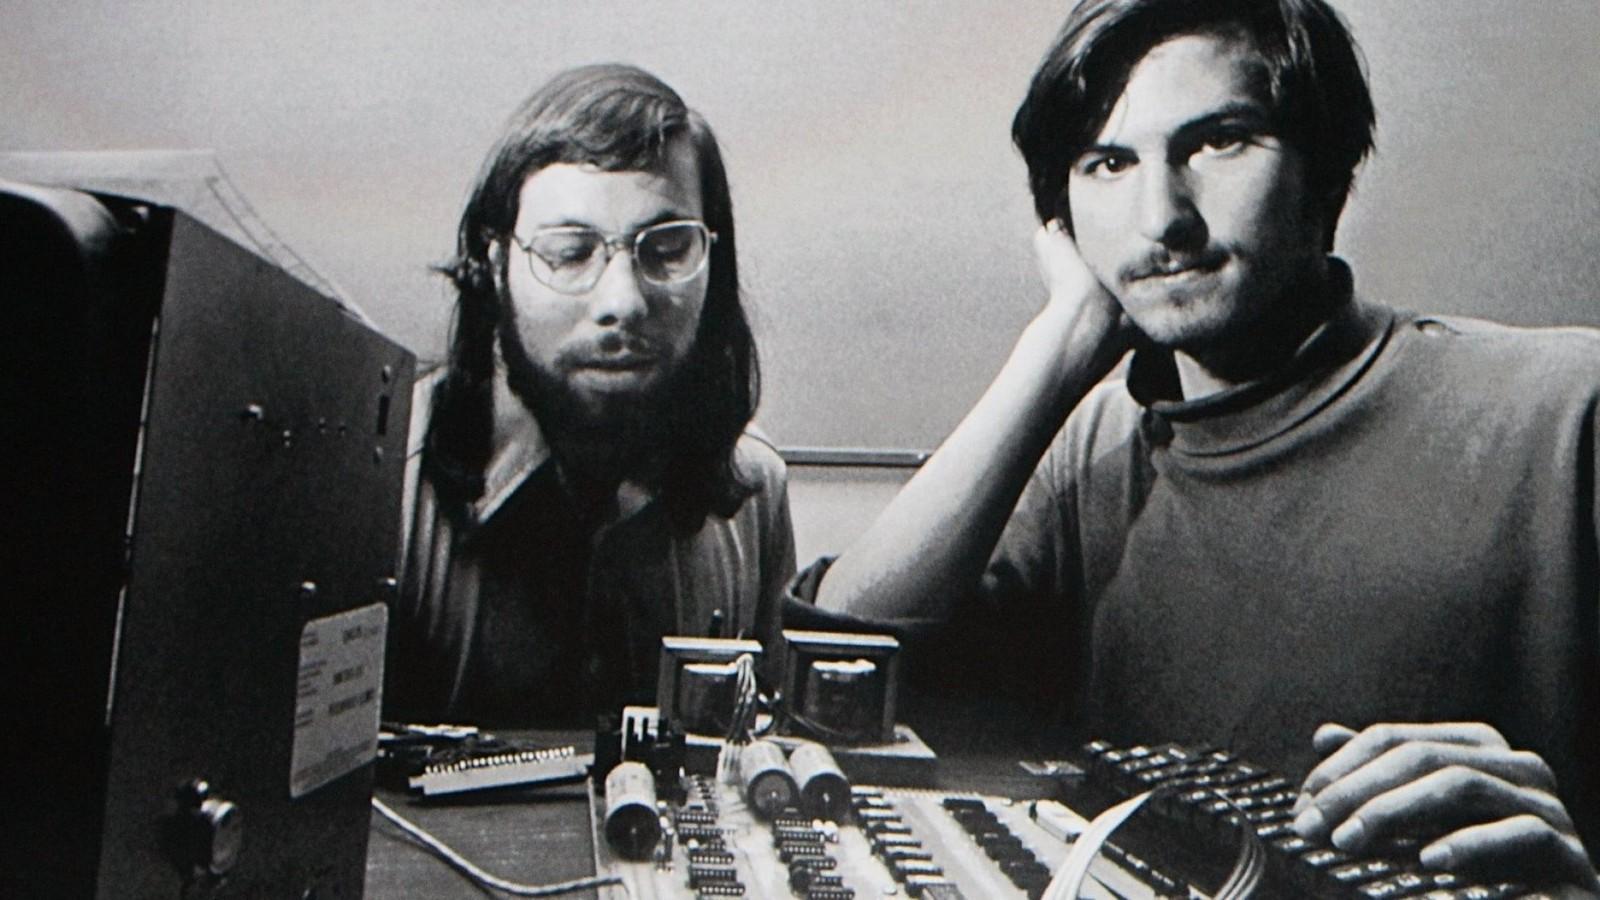 苹果公司创立 45 周年,Cook 内部信中再次追忆乔布斯